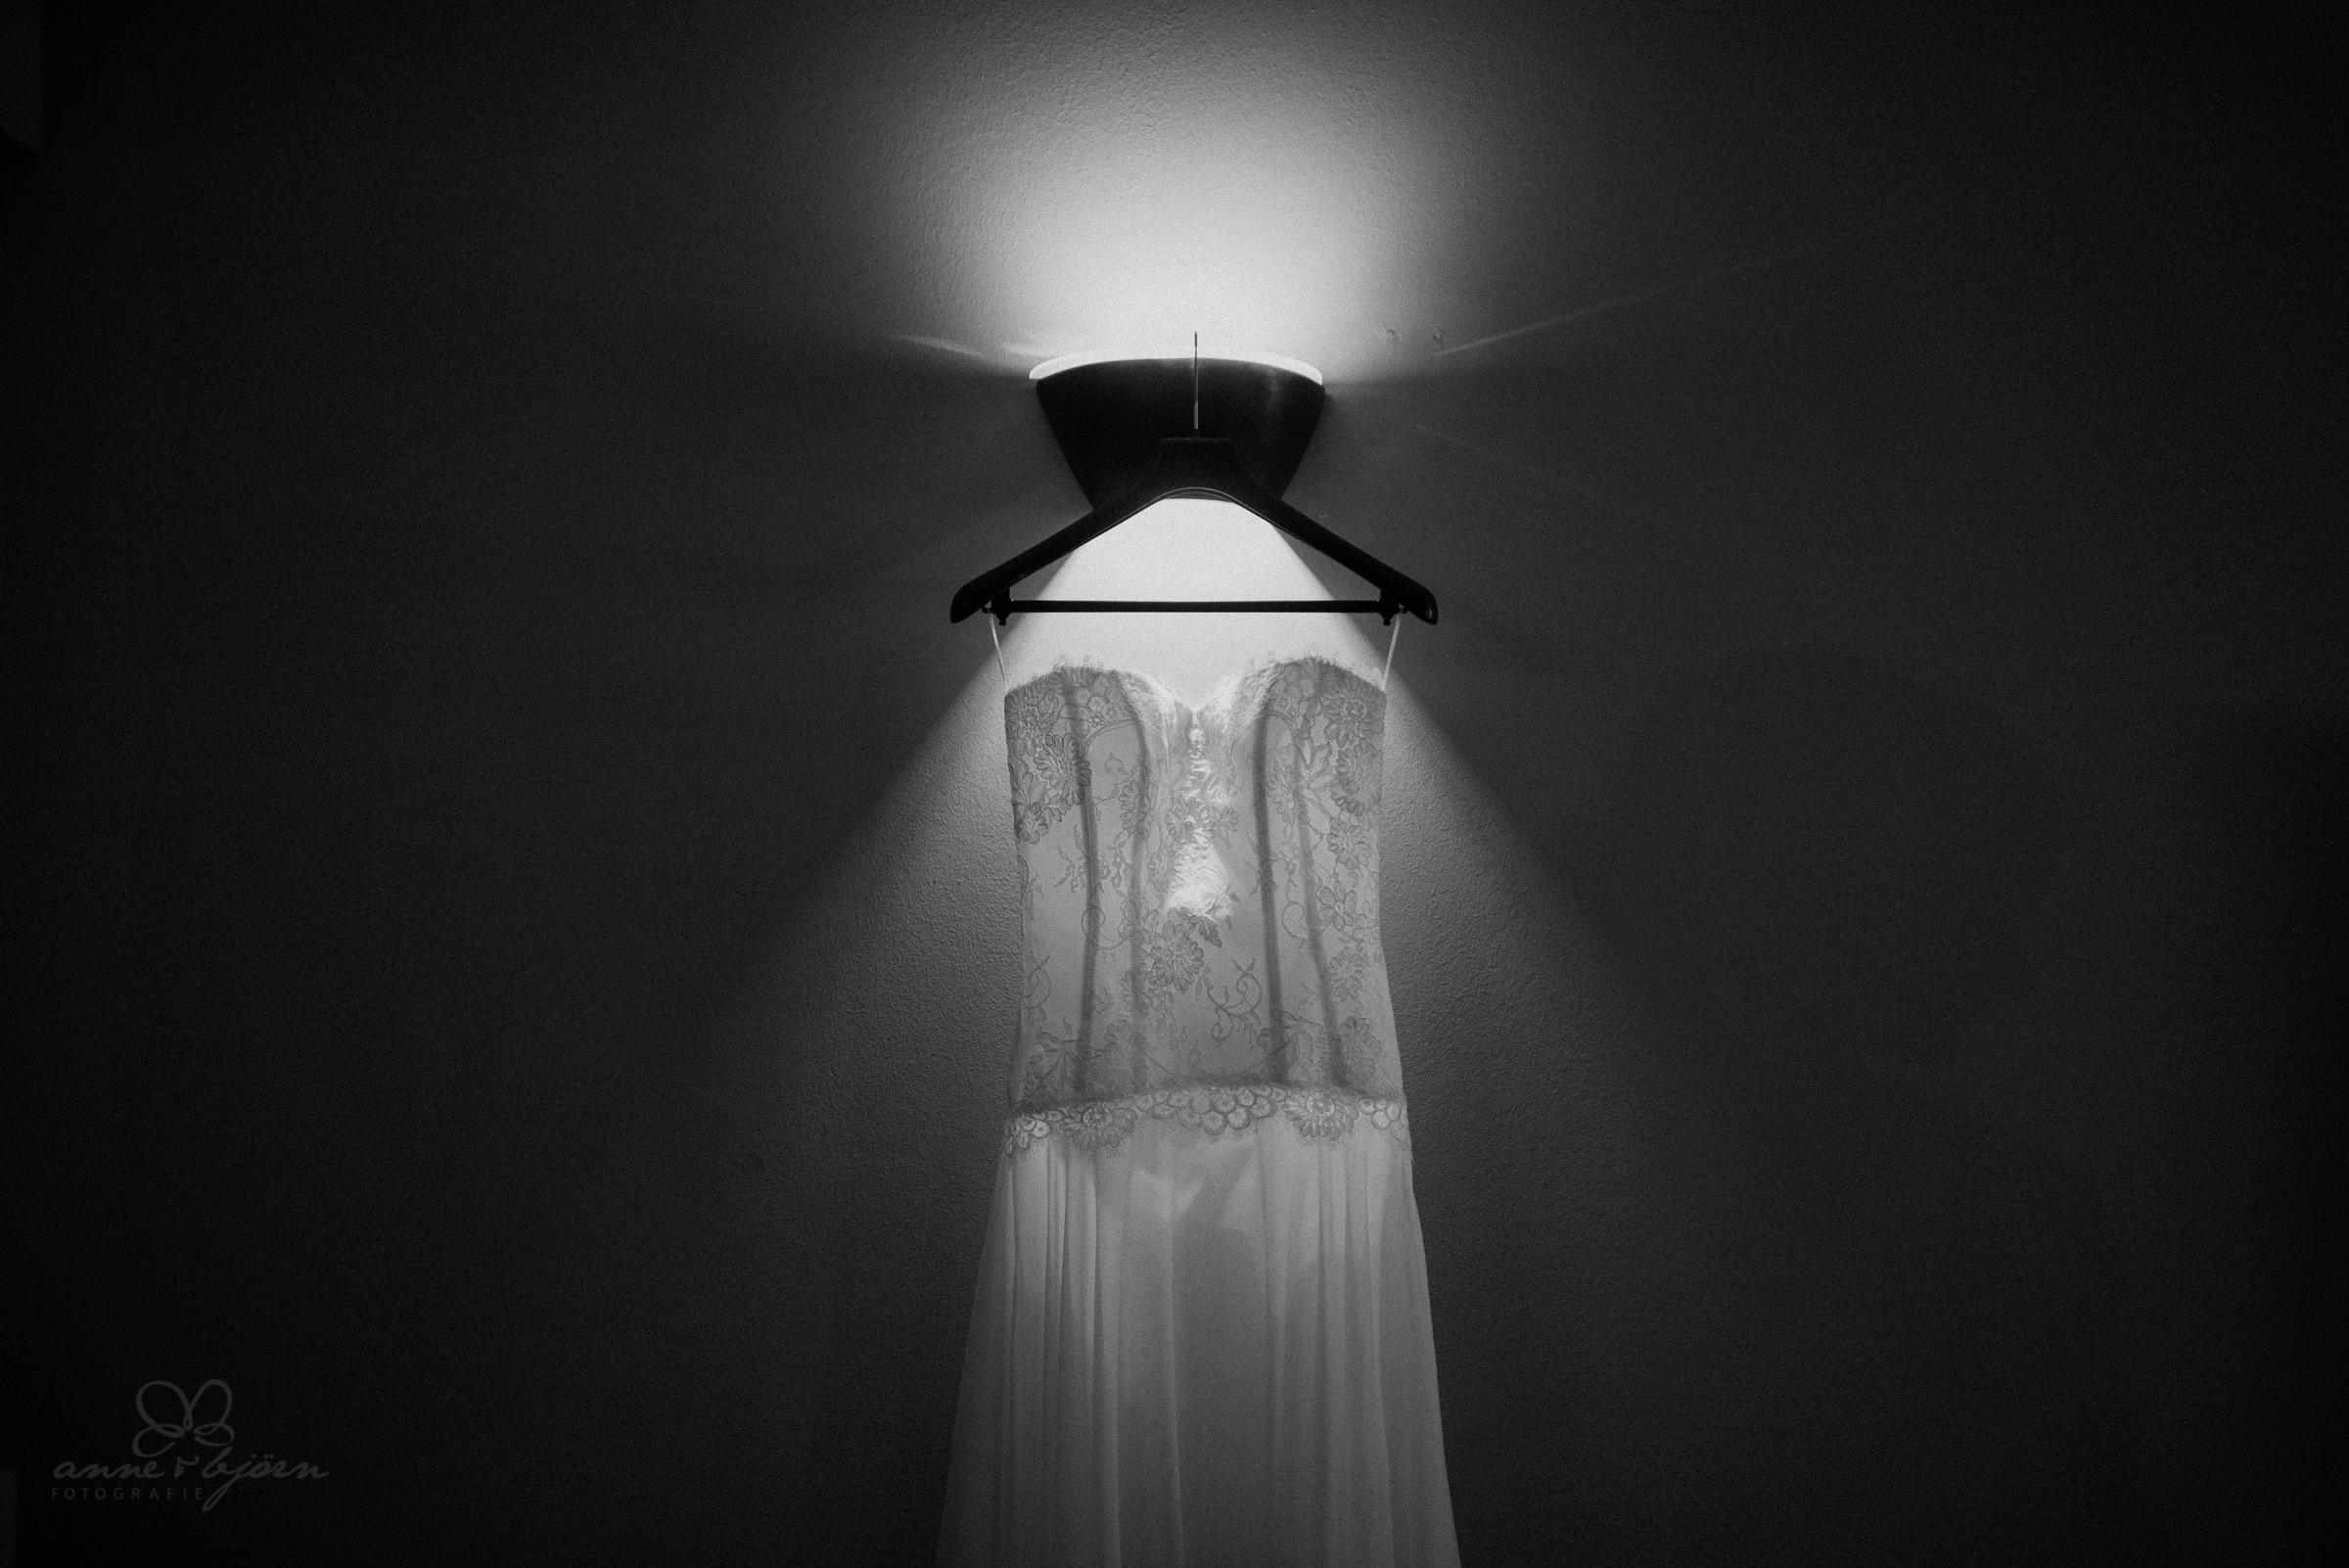 Brautkleid, Kleid, wunderschön, Hochzeitskleid